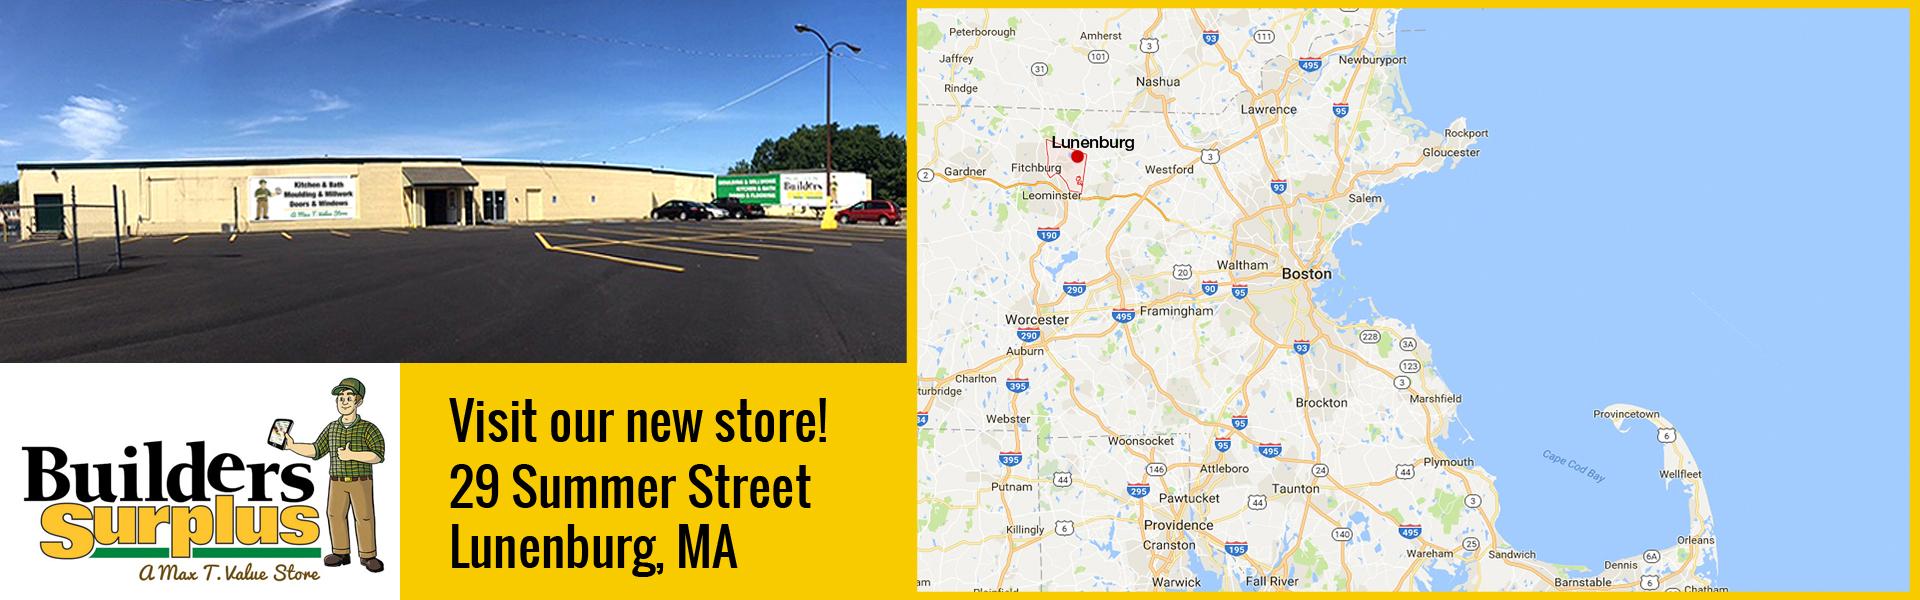 Lunenburg, MA store open